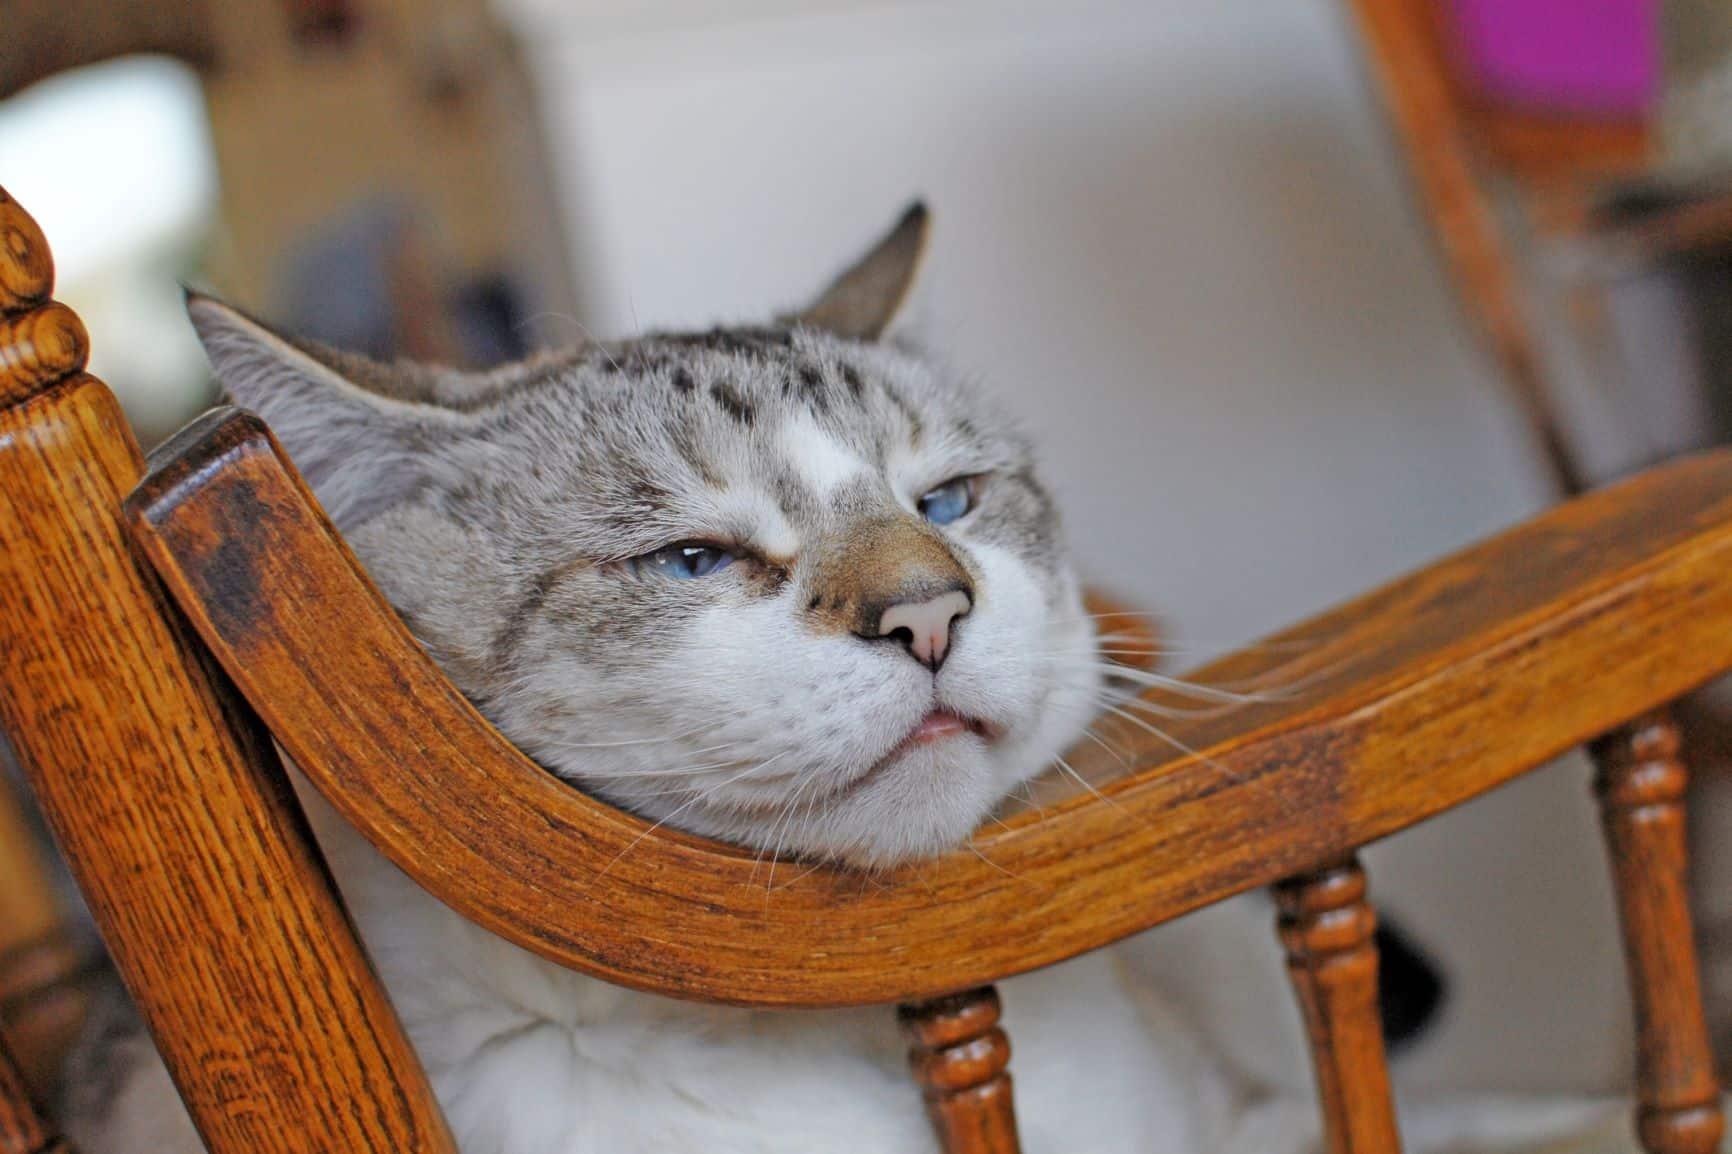 Est-ce qu'une chatte a l'impression de mourir?